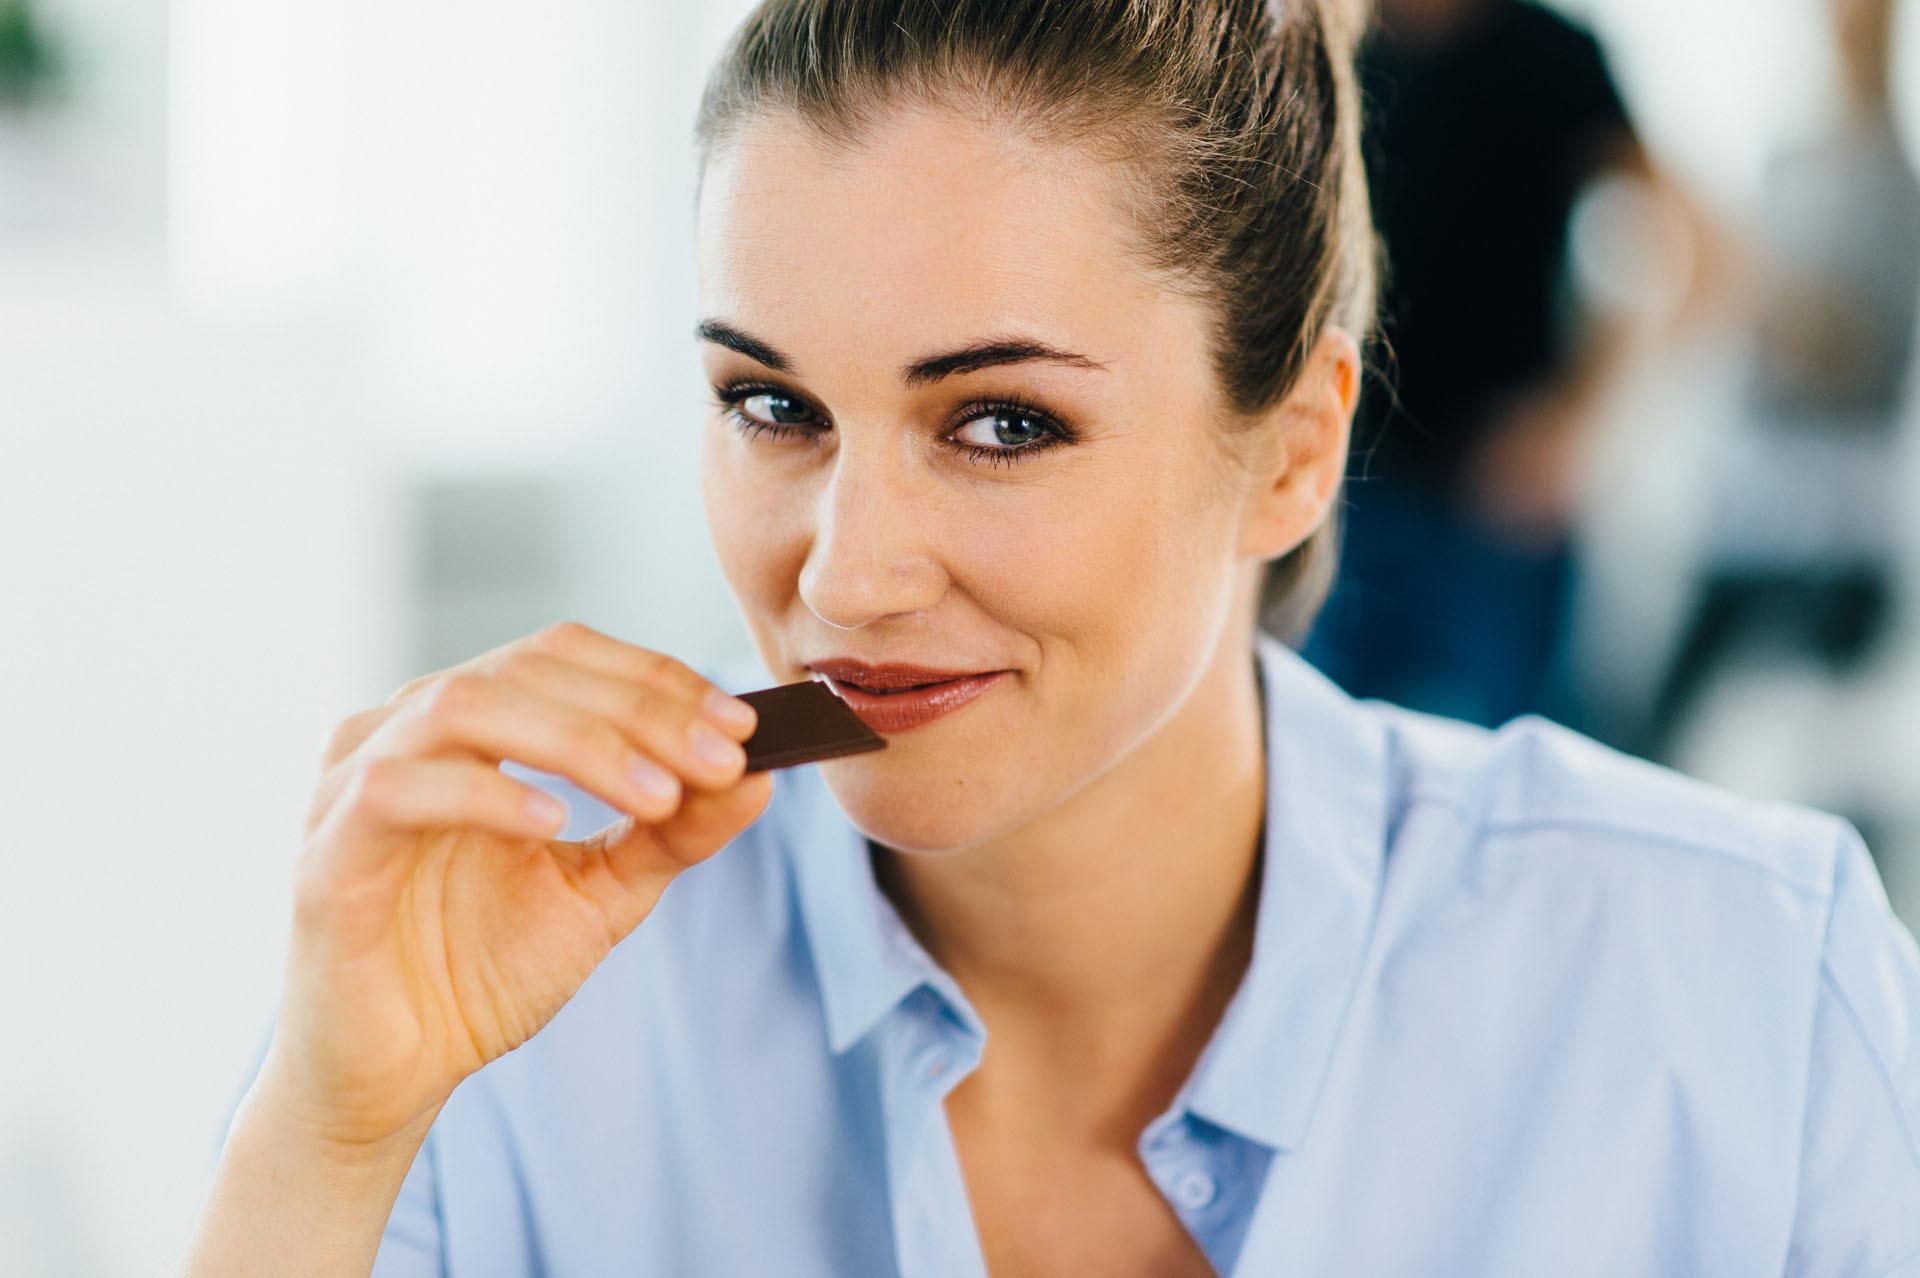 Mit der Schokoladenübung kannst du deine Sinne wunderbar trainieren und dabei entspannen.